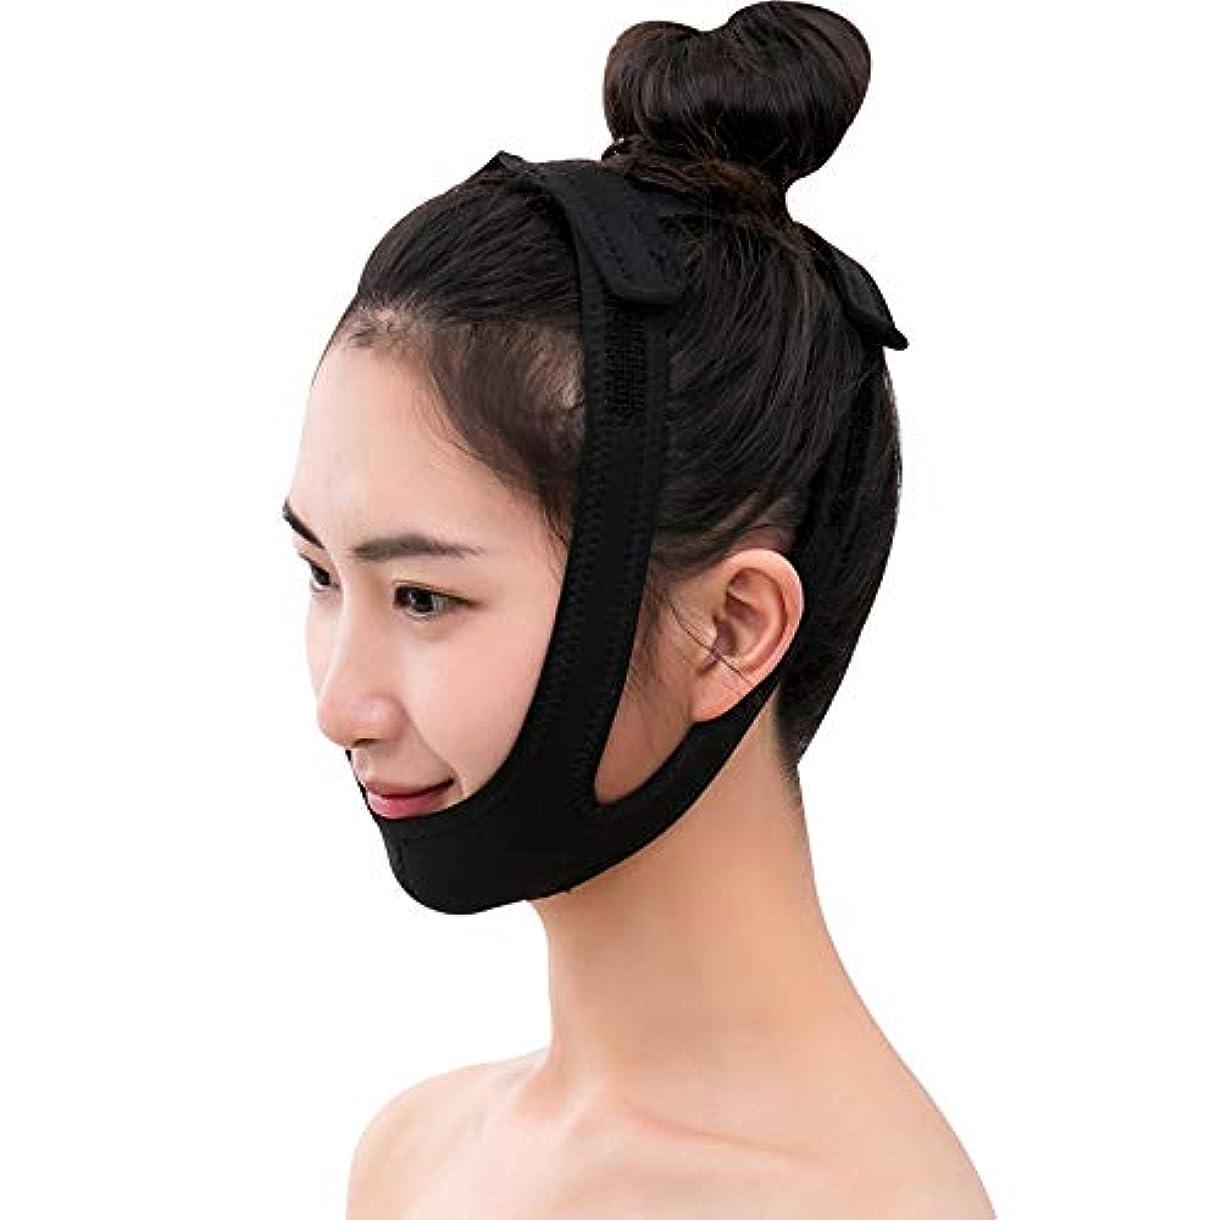 施しラウンジ呼び起こすJia Jia- フェイシャルリフティング痩身ベルト圧縮二重あご減量ベルトスキンケア薄い顔包帯二重あごワークアウト 顔面包帯